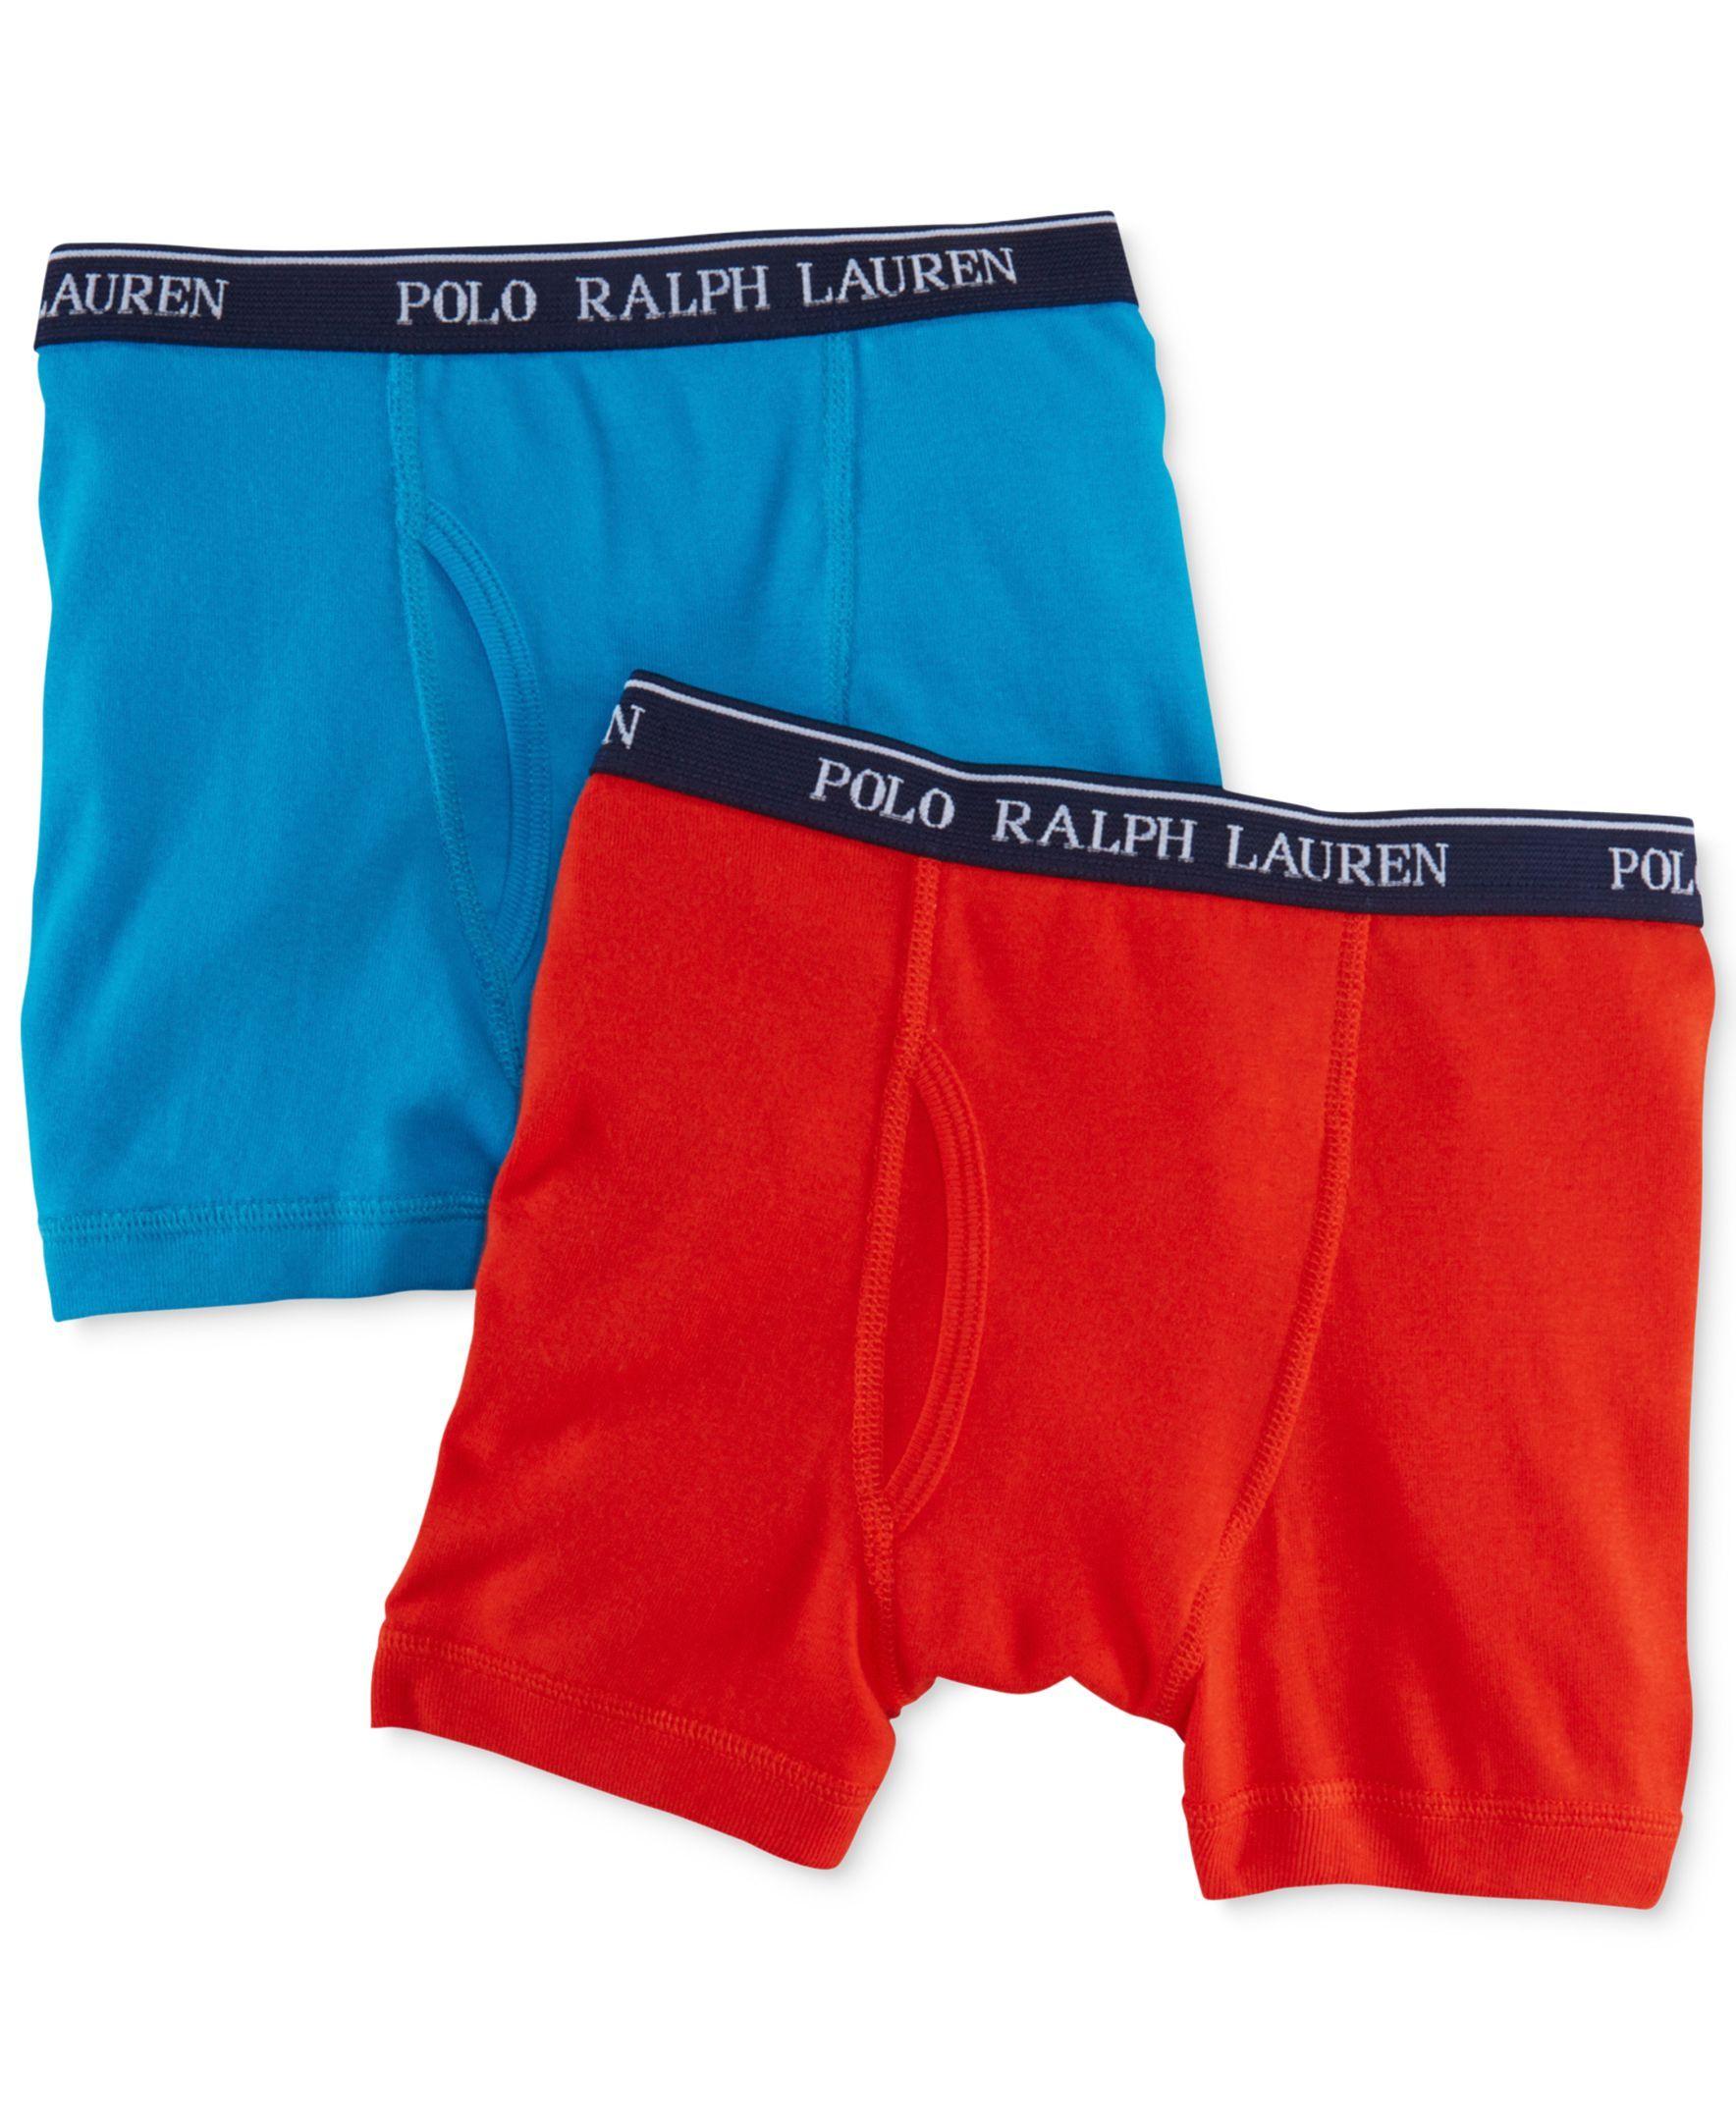 Polo Ralph Lauren Boys' or Little Boys' 2-Pack Cotton Boxer Briefs